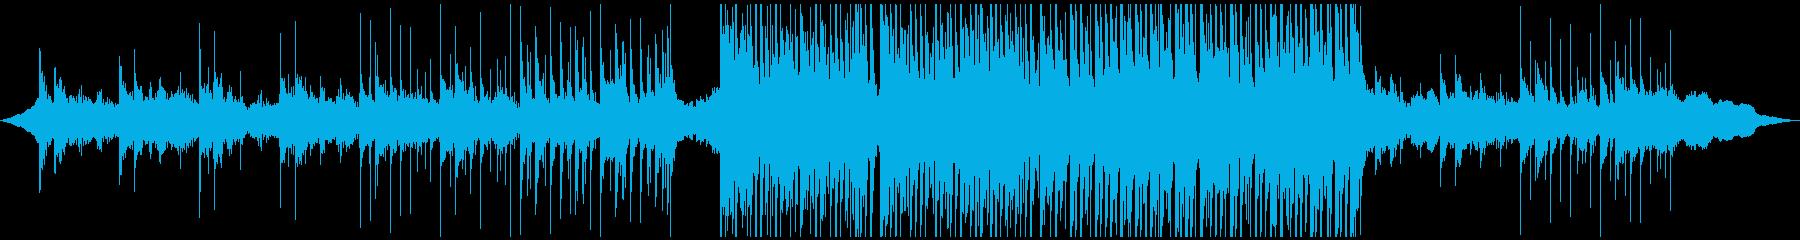 コーポレート 野生 パーカッション...の再生済みの波形